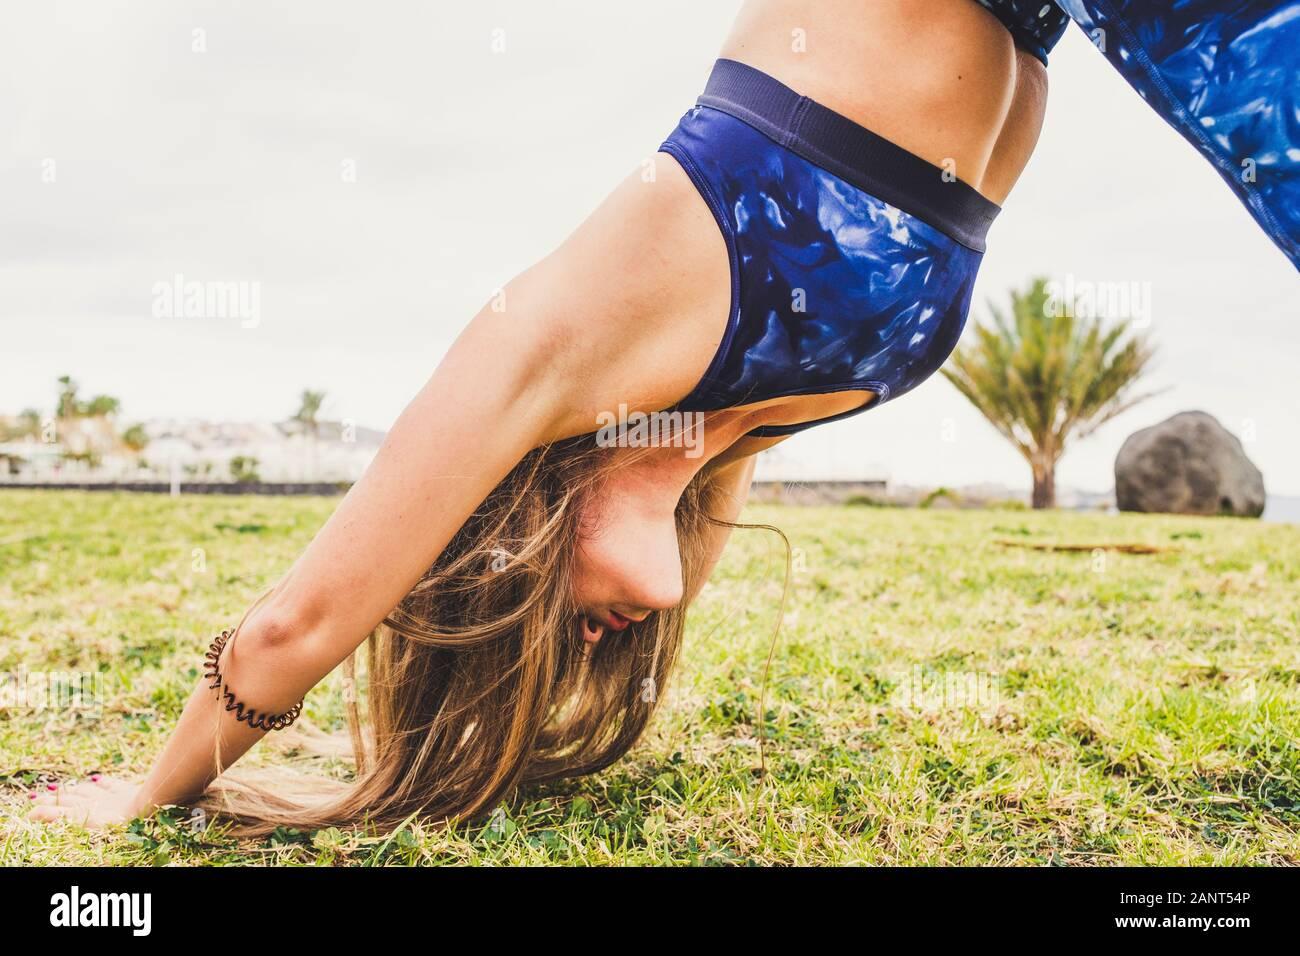 Cerca de sano en el deporte femenino de fitness pilates actividad en el parque de la naturaleza verde pradera - personas y entrenar outdor - estilo de vida activo fo Foto de stock